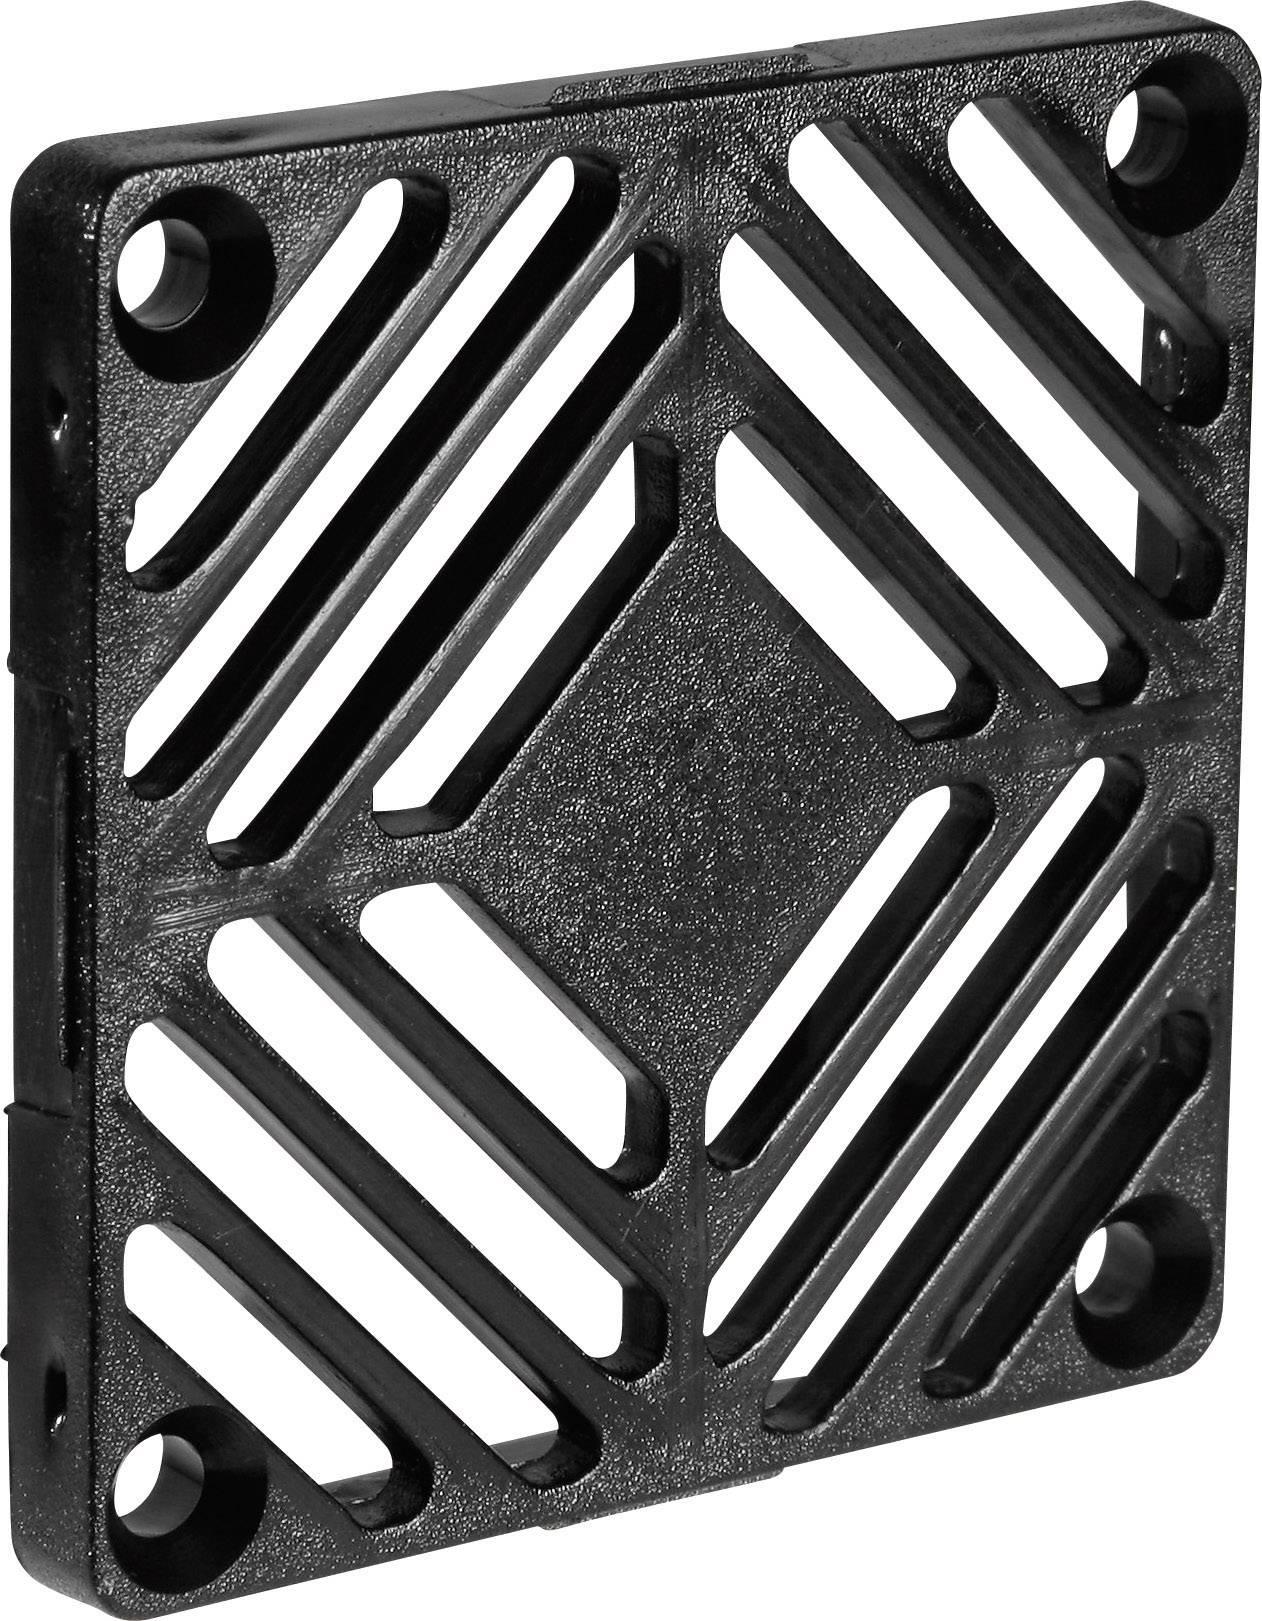 Ochranná mřížka ventilátoru SEPA FG80K, 81 x 81 x 5.5 mm